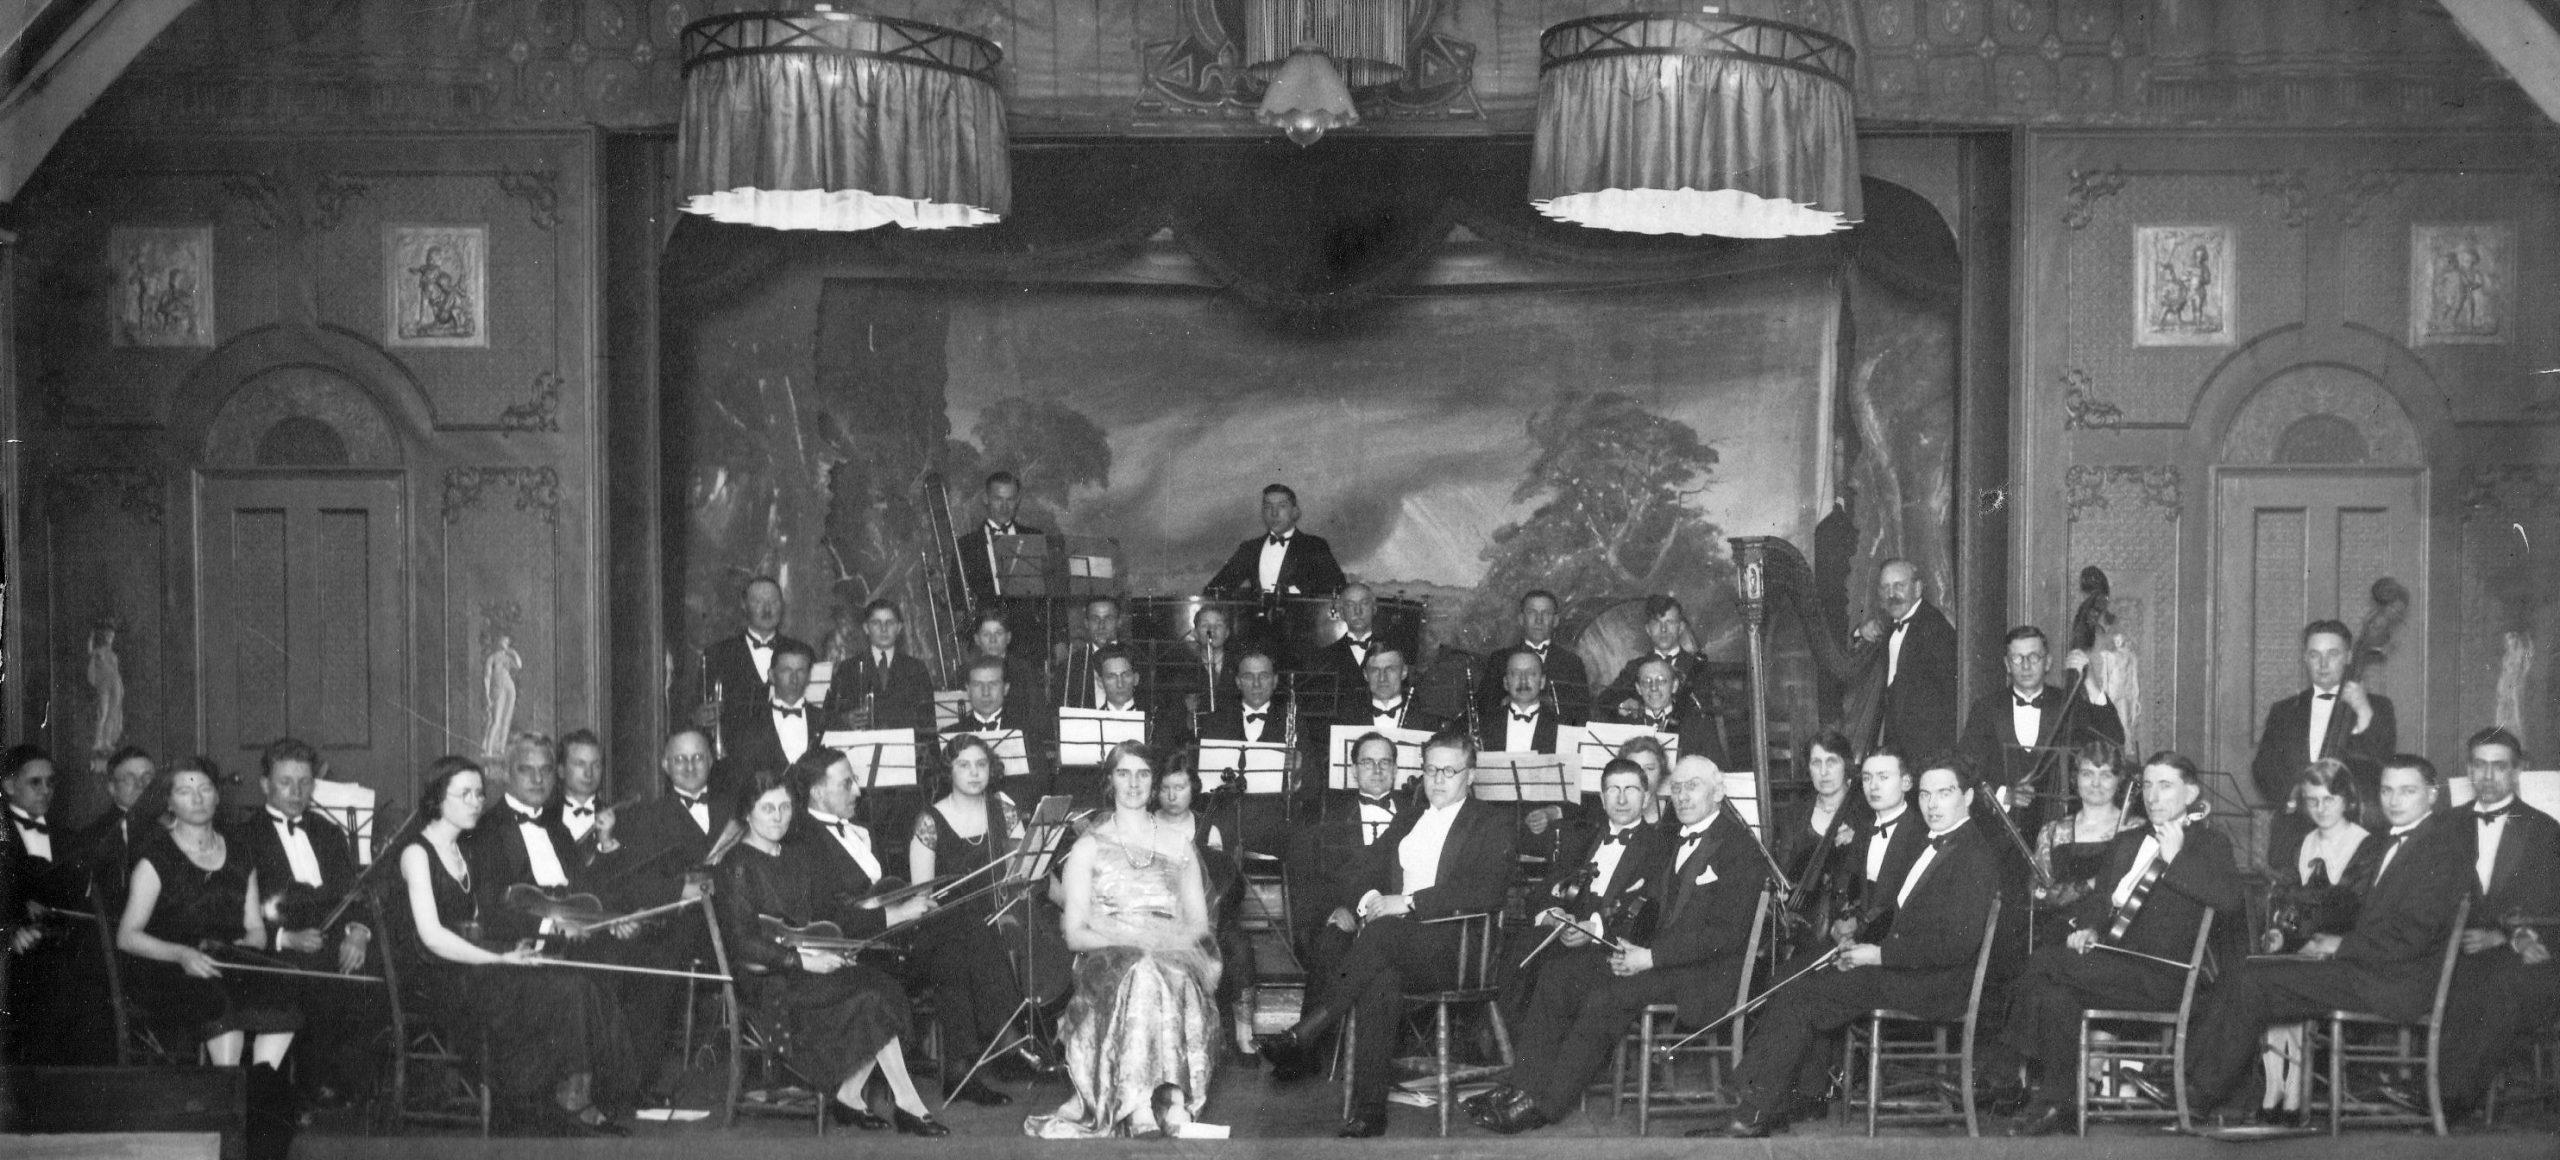 FSO 1931 at Farnborough Town Hall